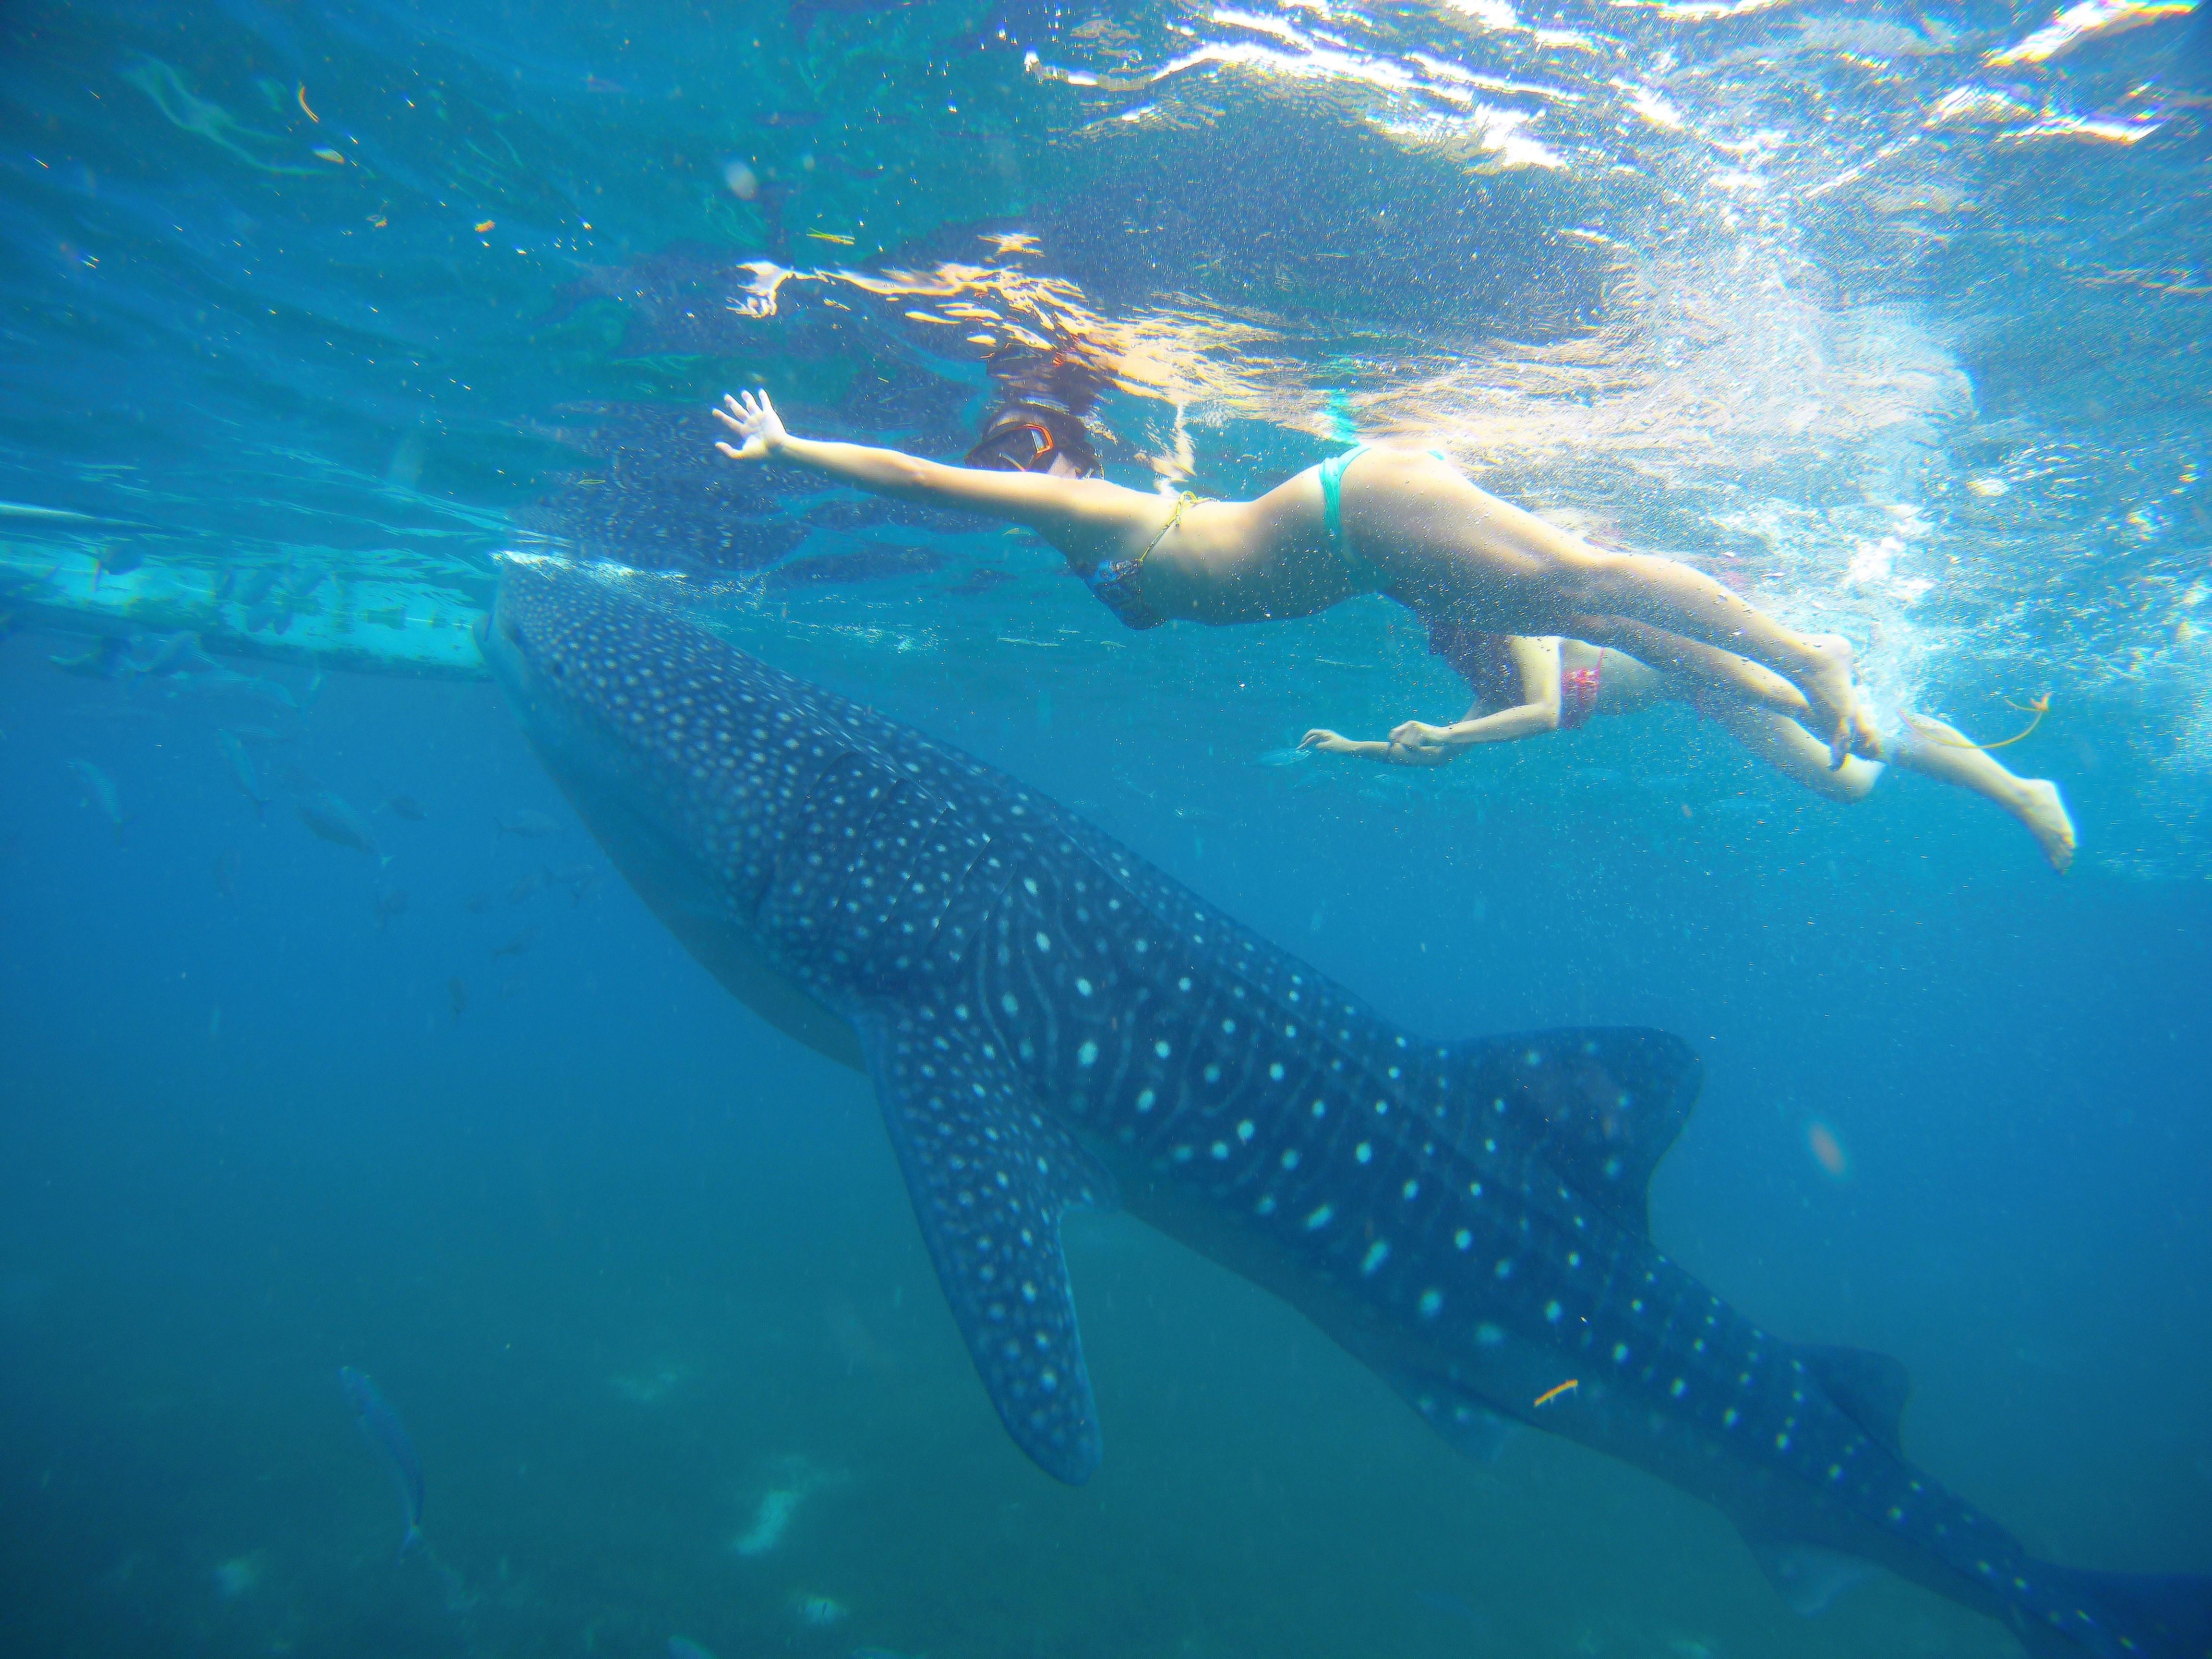 海遊館の人気者、あのジンベイザメと一緒に泳げるのは世界でもなかなかレア。